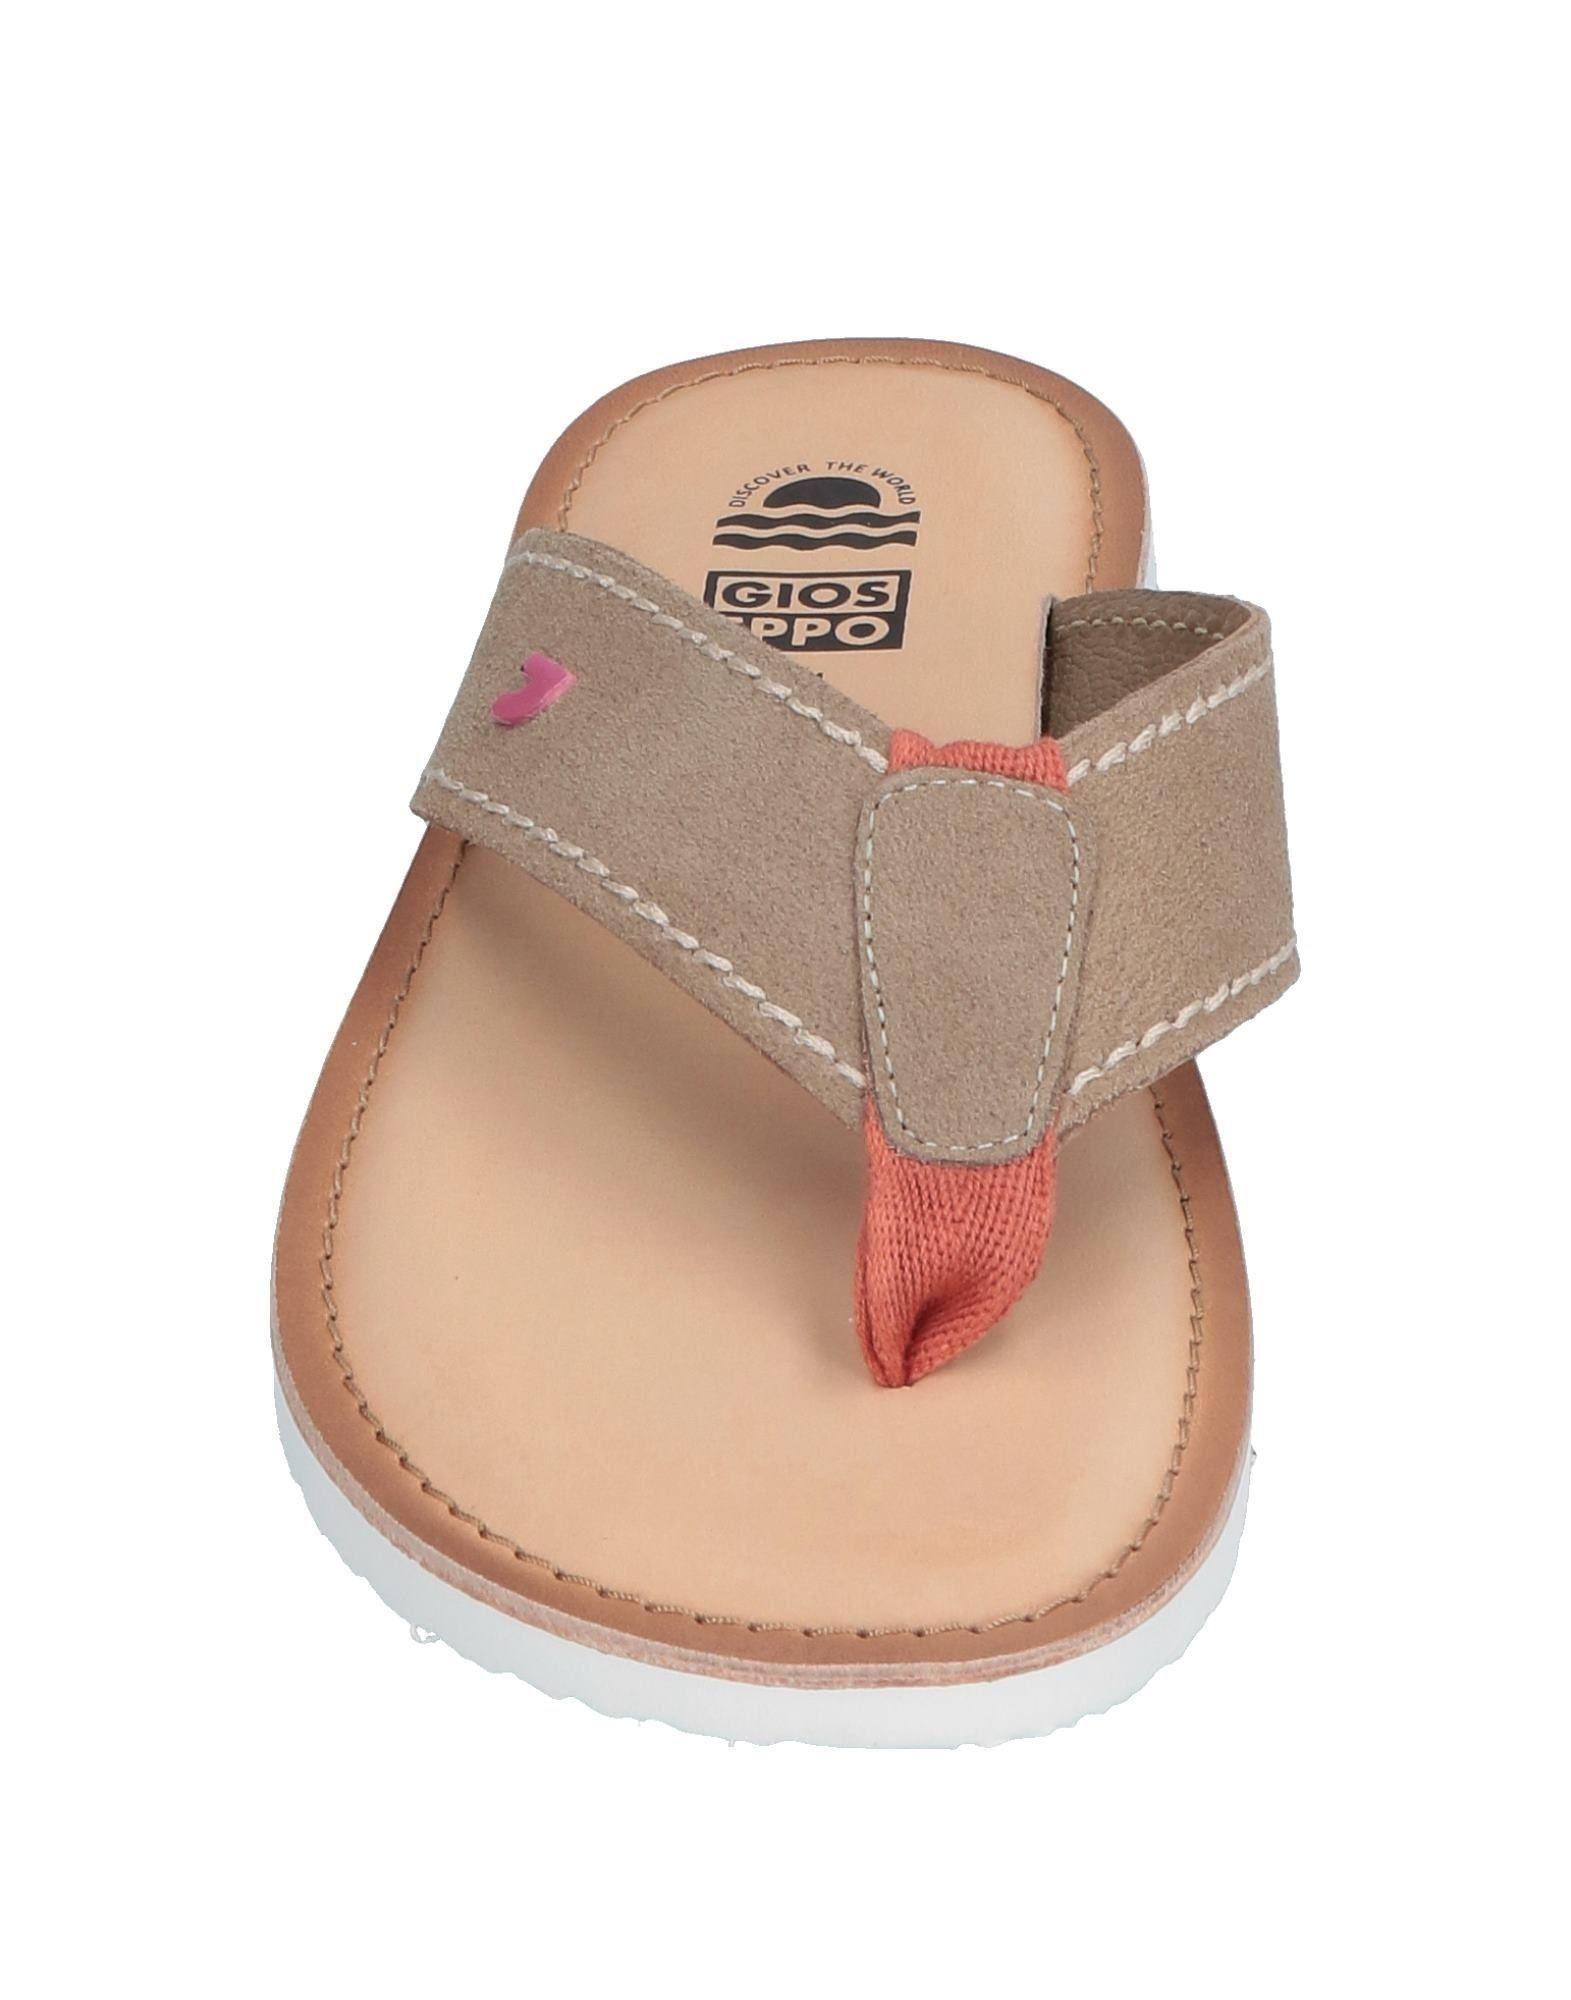 detailed look 995d4 7135e GIOSEPPO Flip flops - Footwear | MEN'S FOOTWEAR in 2019 ...